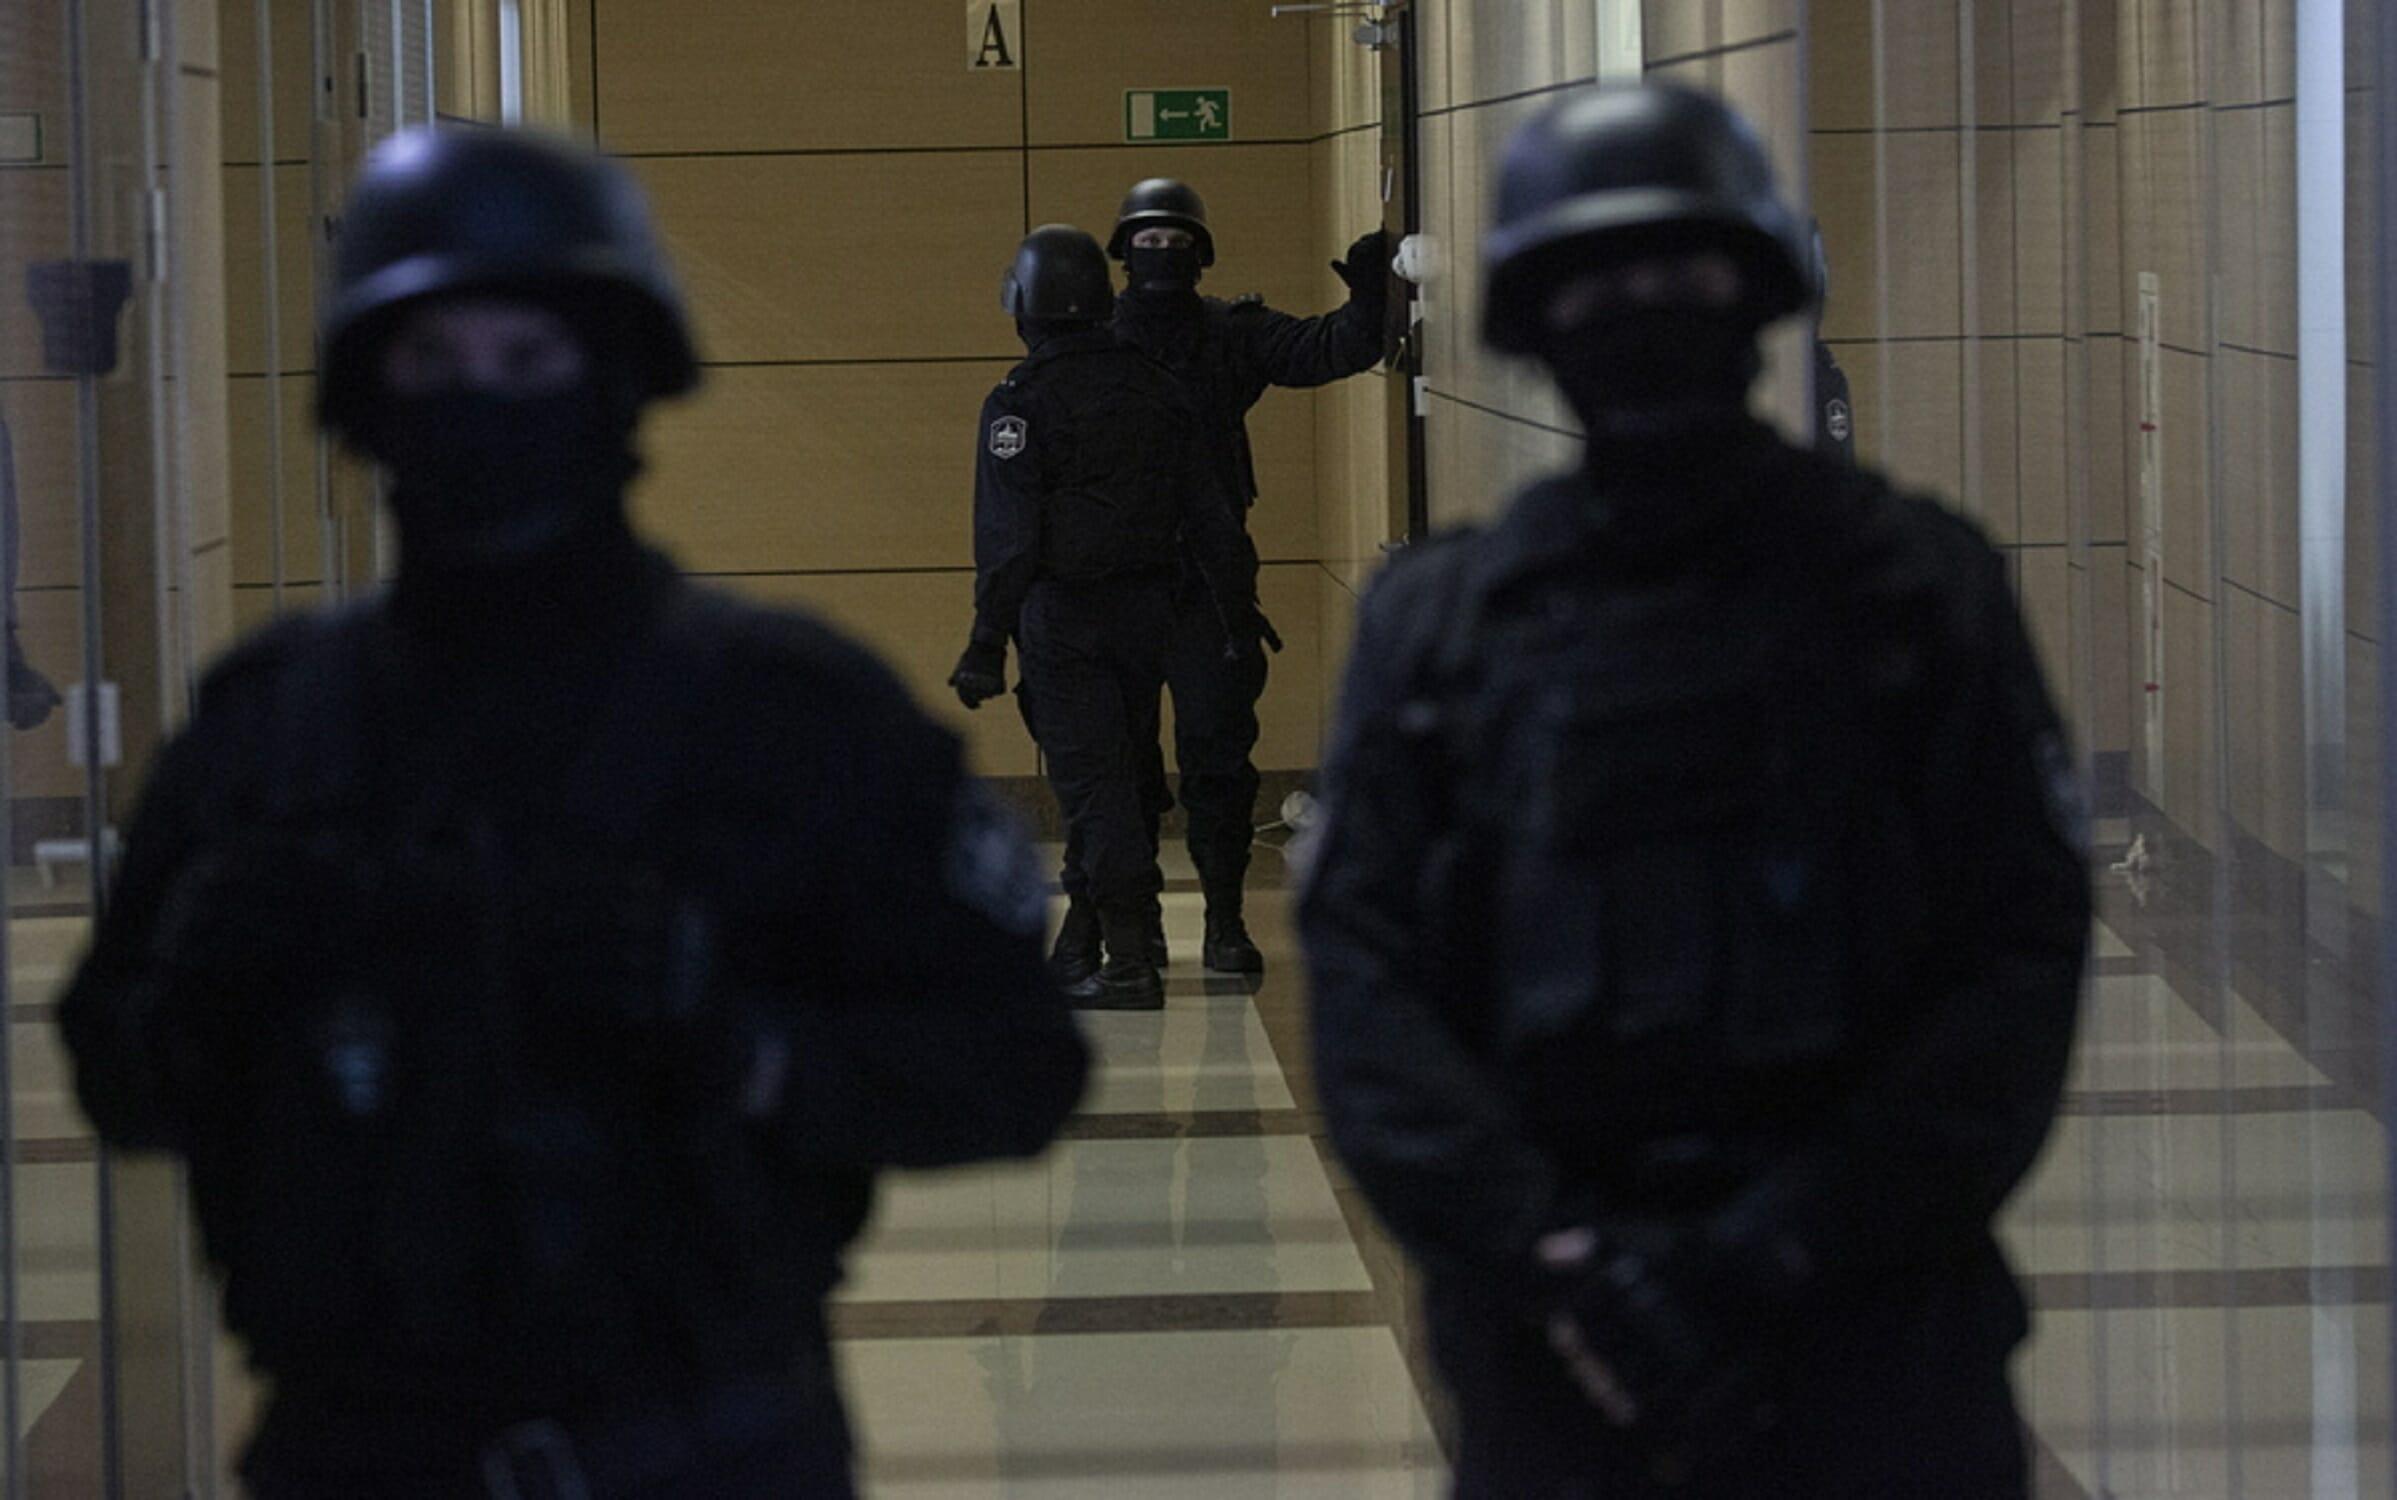 Μόσχα: Νέες συλλήψεις δημοσιογράφων που συμπαραστάθηκαν σε συνάδελφό τους που κρατείται